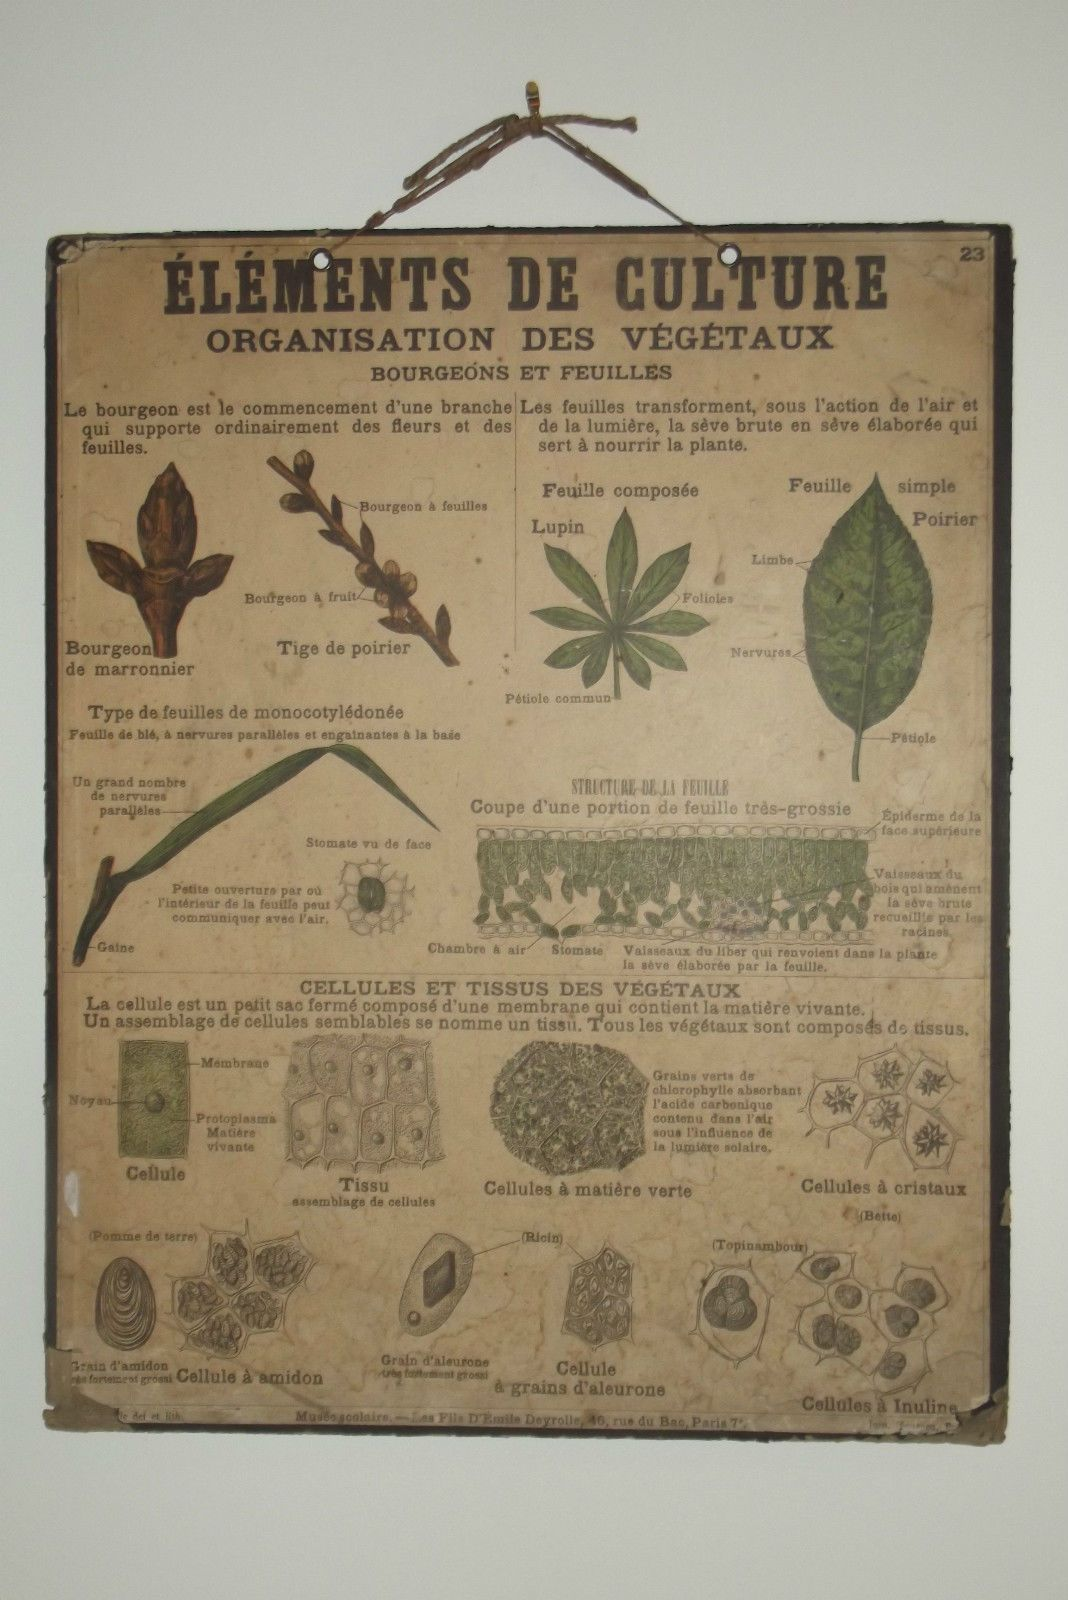 ancienne affiche scolaire deyrolle planche ecole n 23 sciences naturelles affiche pinterest. Black Bedroom Furniture Sets. Home Design Ideas